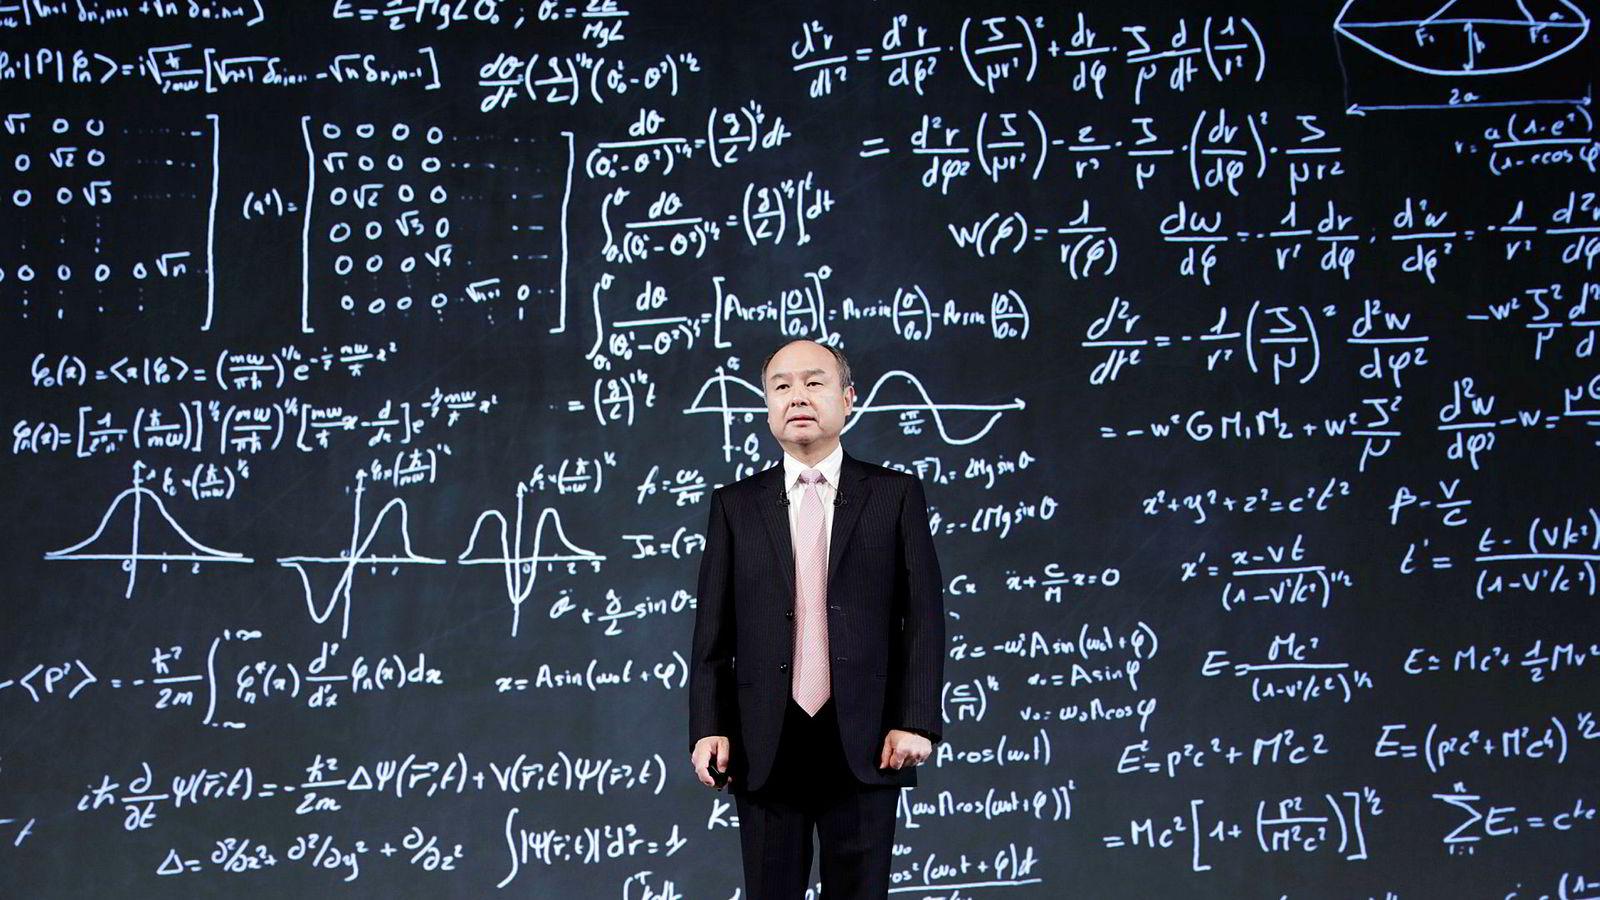 Softbanks grunnlegger Masayoshi Son har alltid jaktet på oppstartsselskaper og tatt høy risiko. Med børsnoteringen av noen av verdens største oppstartsselskaper kan det komme store gevinster.